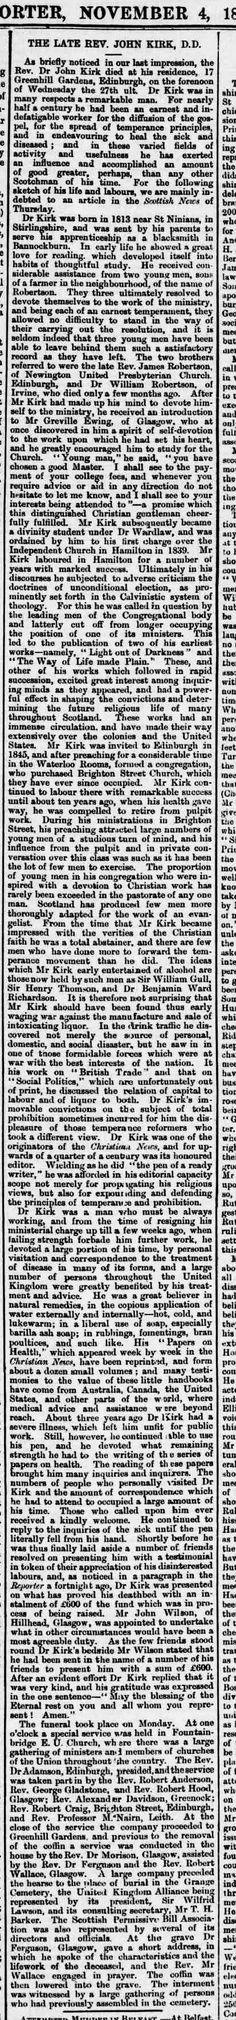 Obituary of John Kirk, Southern Reporter, 4 November 1886